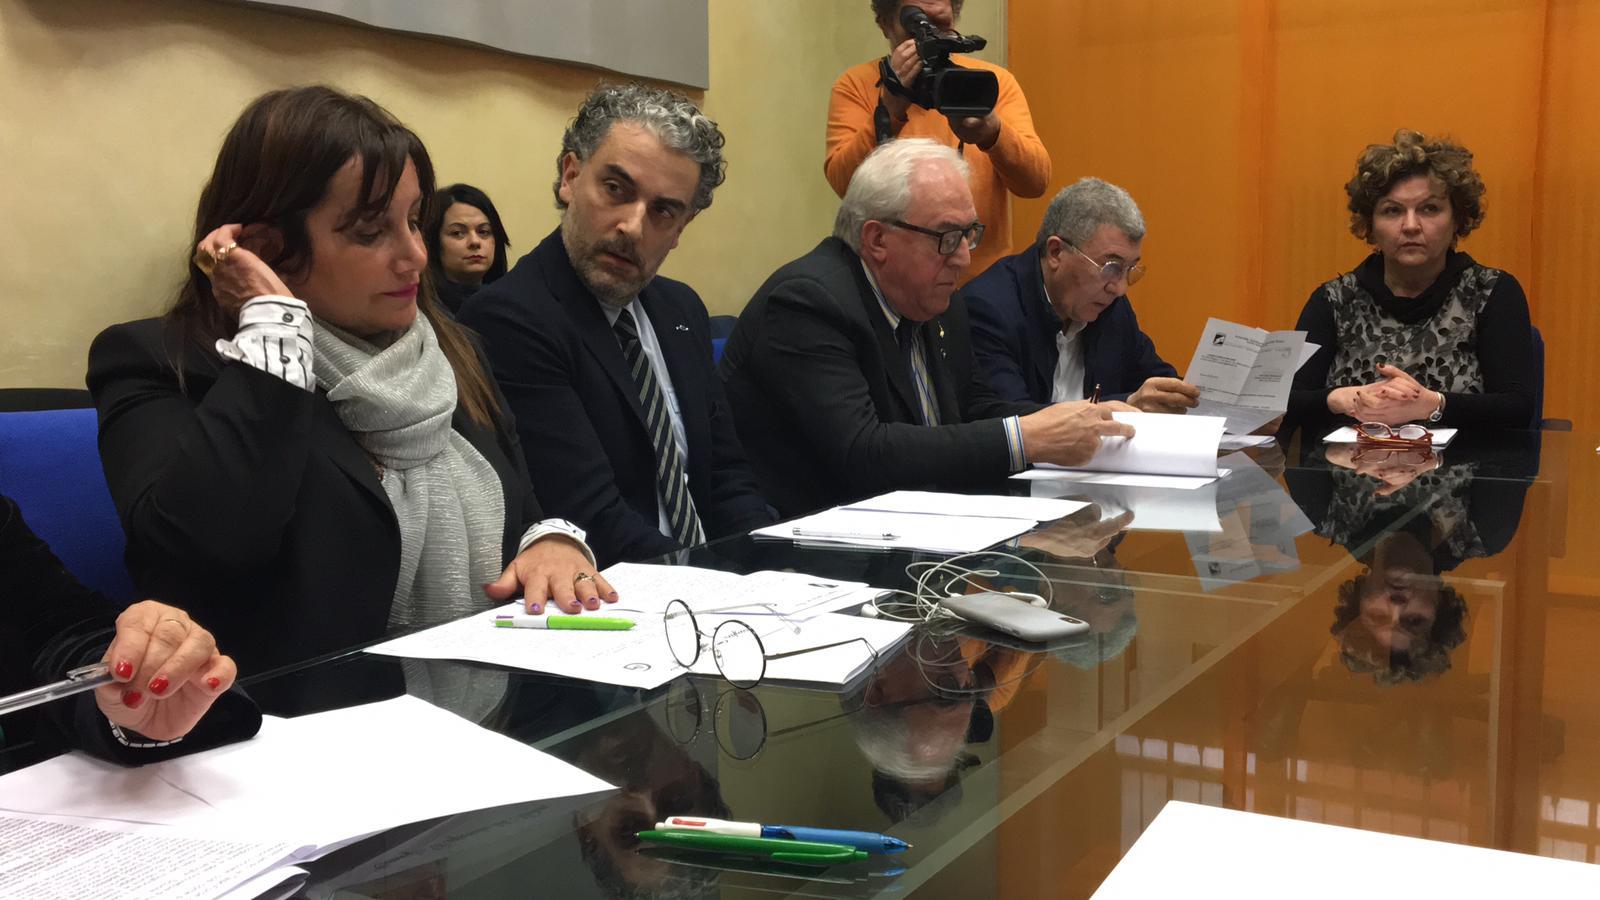 Campobasso: si è svolto stamani il tavolo tecnico per avviare una task-force operativa contro le violenze sui minori. A condurre i lavori Filomena Calenda, presidente IV Commissione Permanente e Leontina Lanciano.